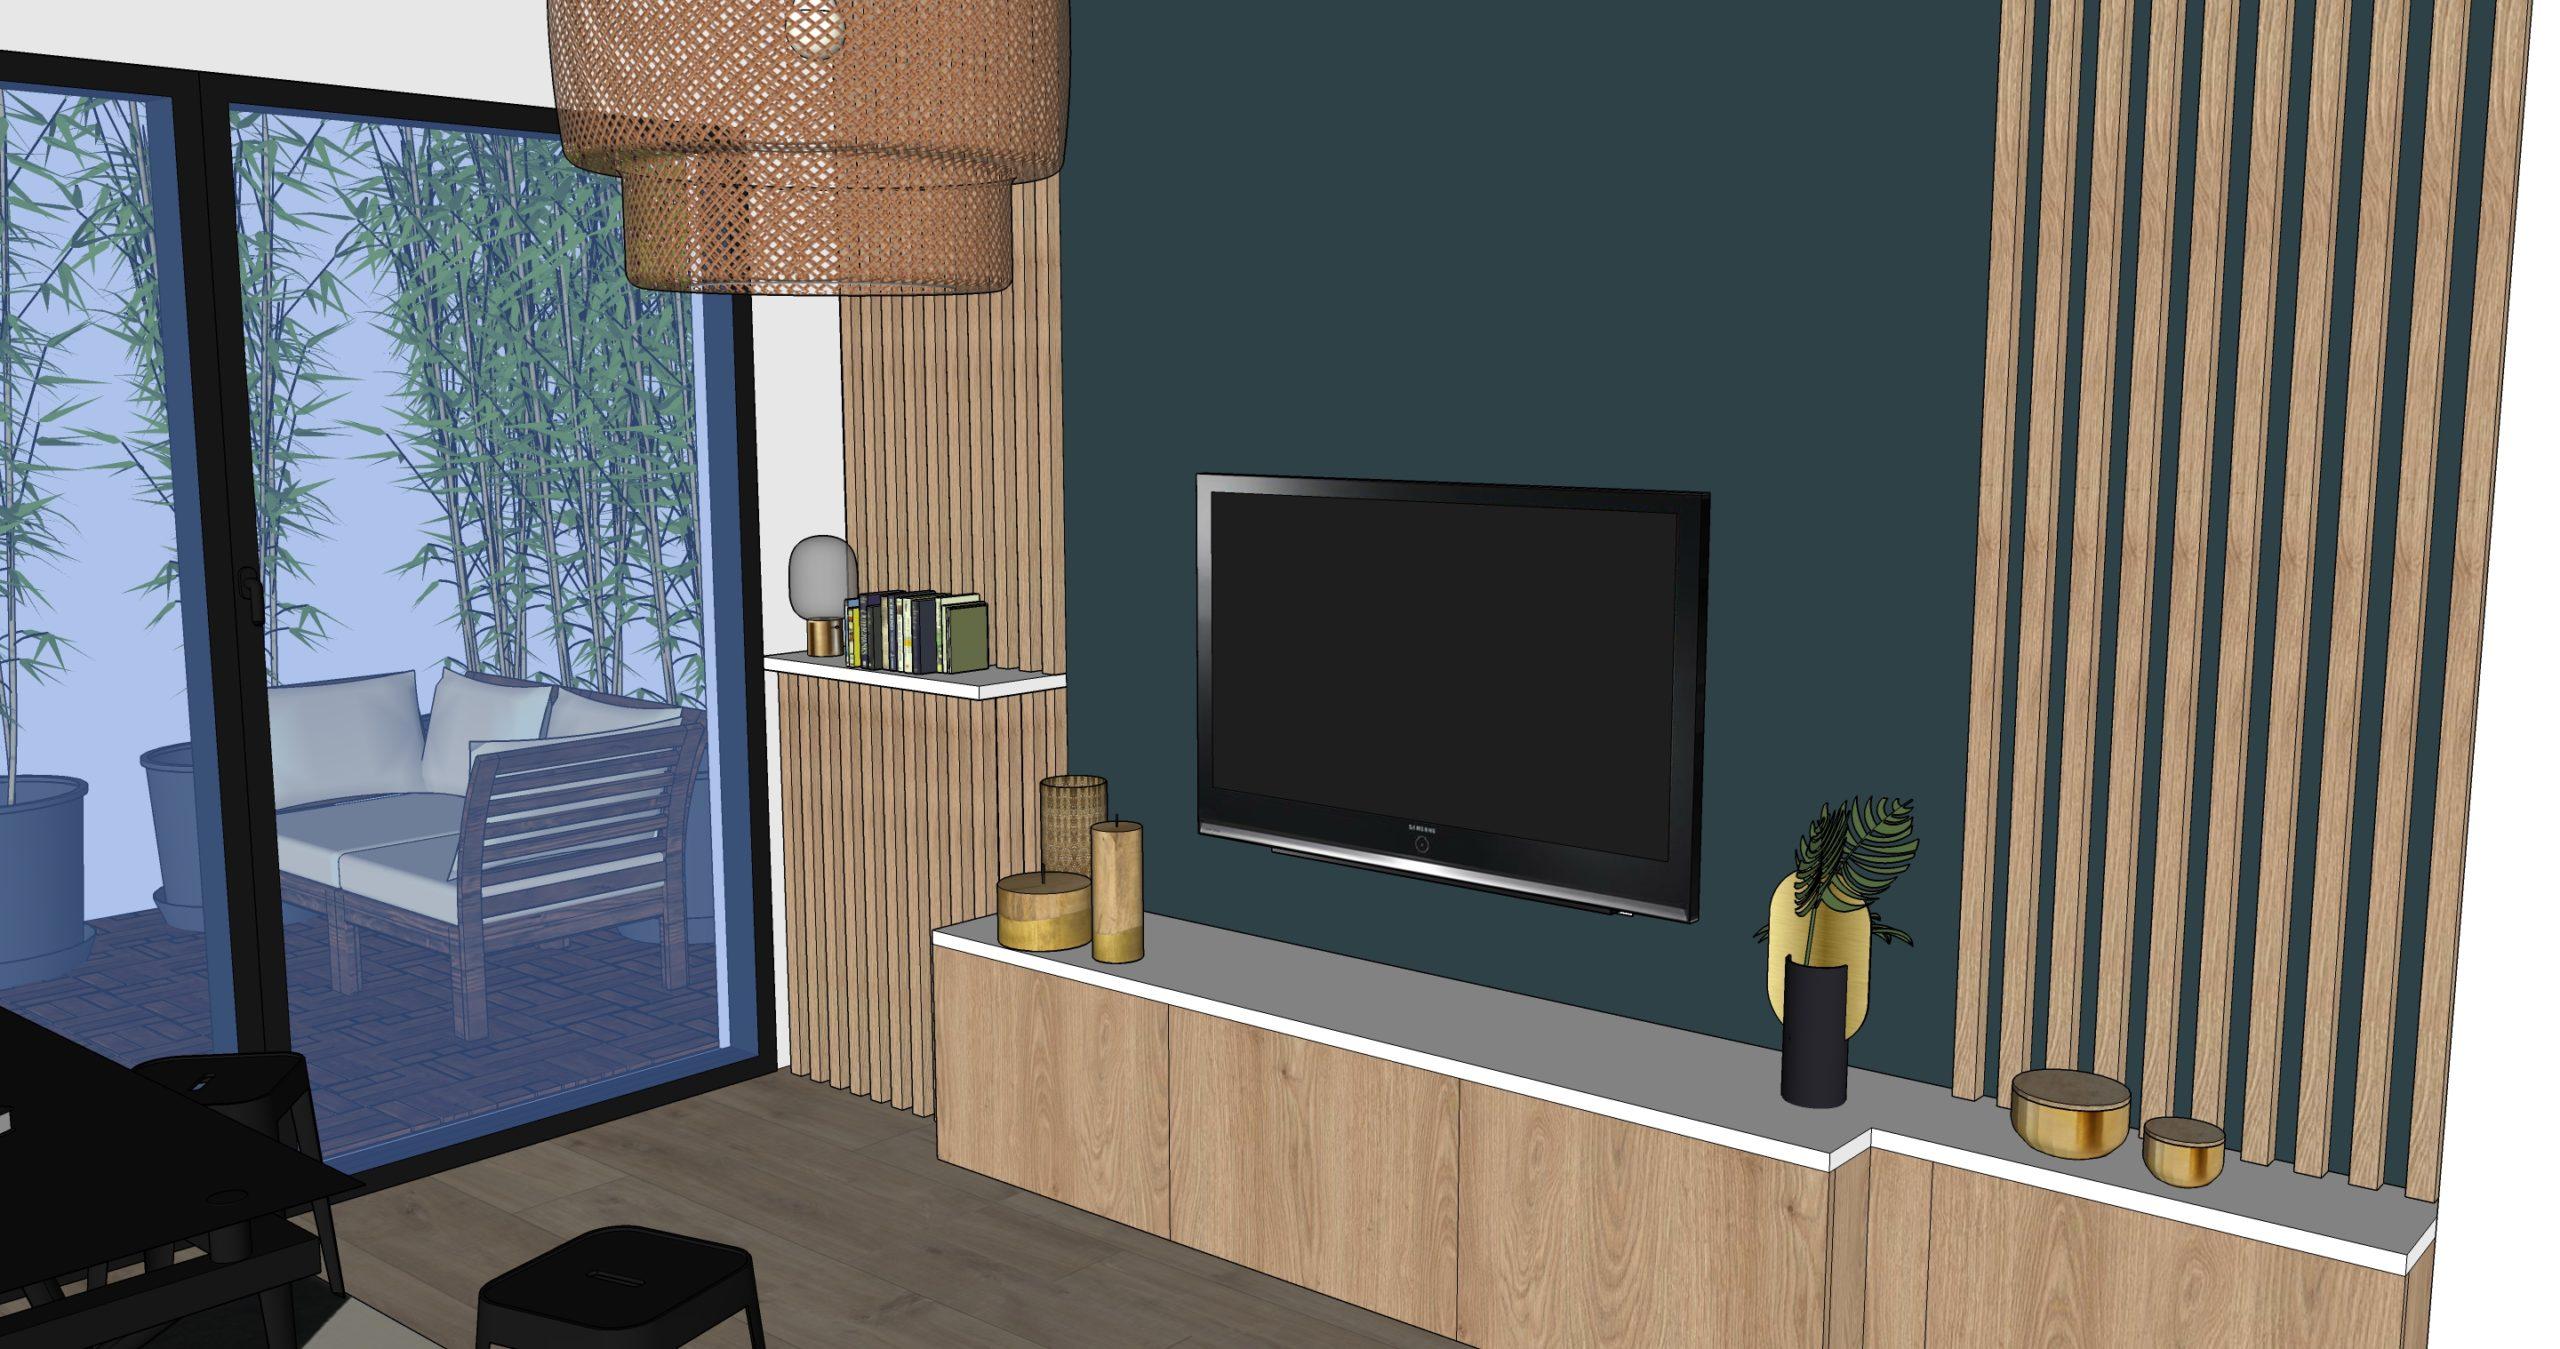 Projet STMAUR 9 avenue du château VUE TV JARDIN